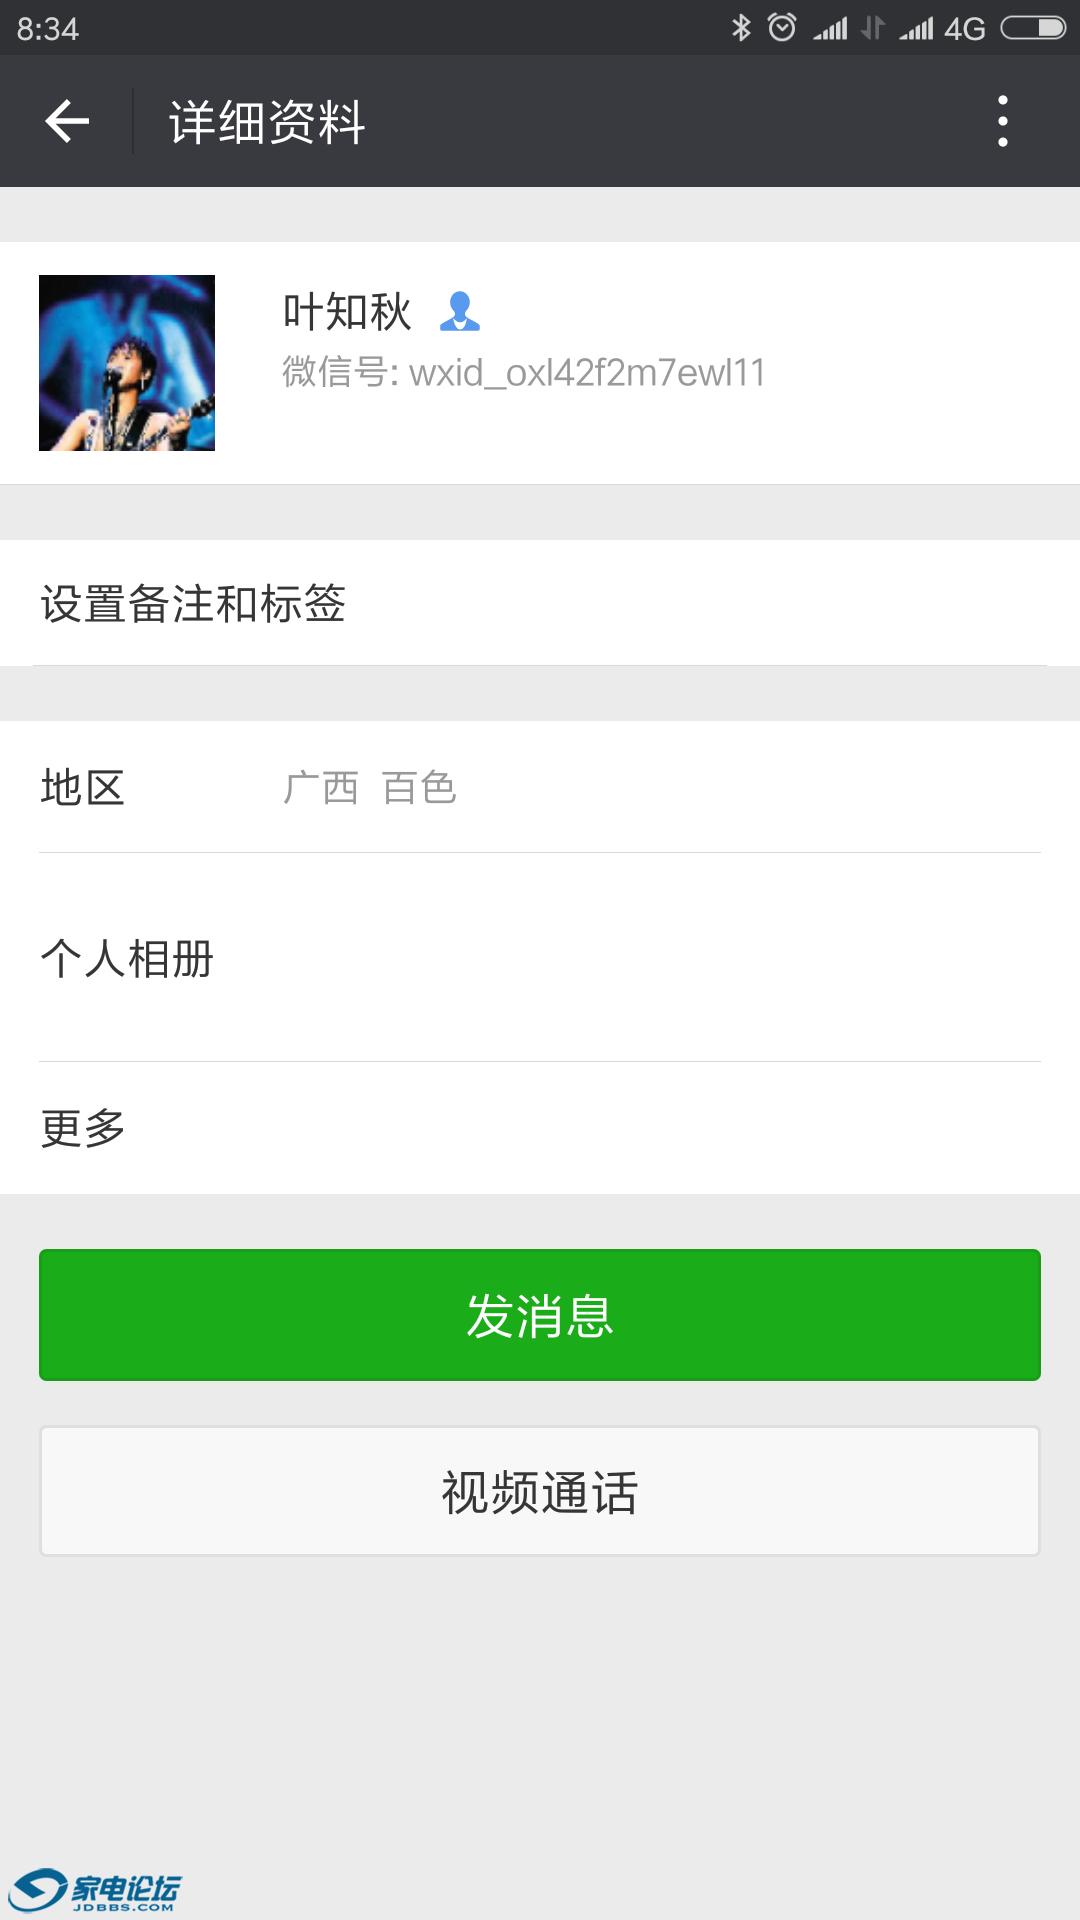 Screenshot_2018-03-22-08-34-37-206_com.tencent.mm.png